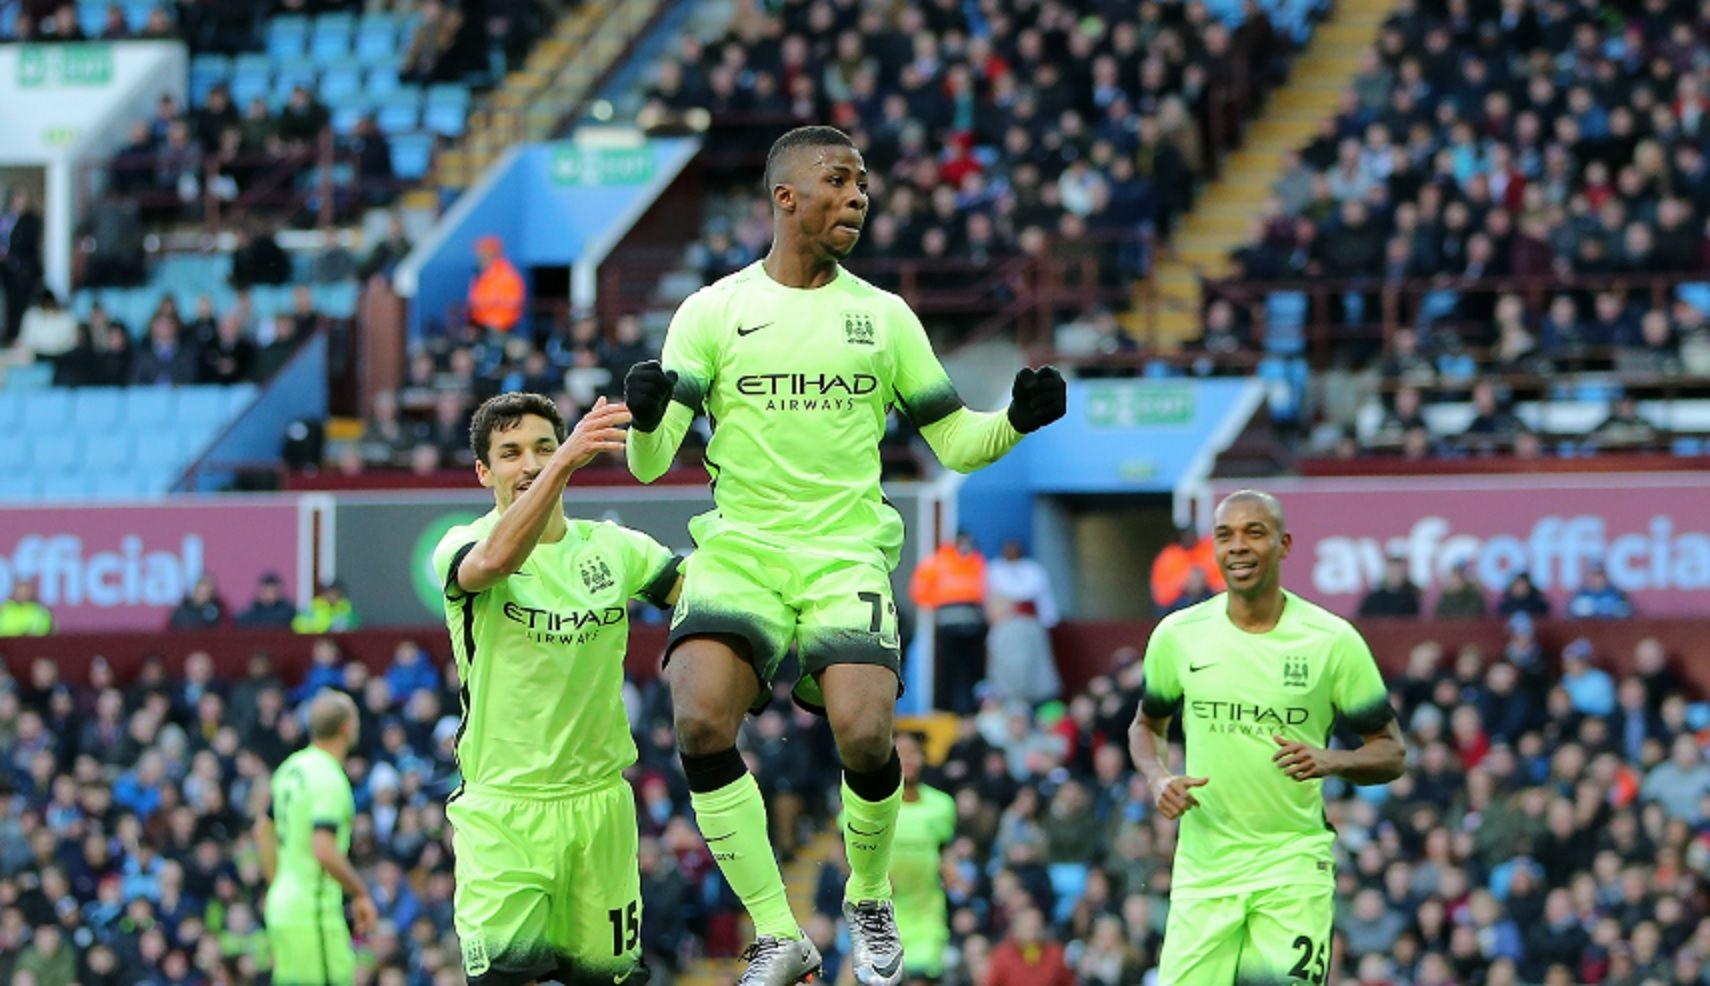 Sin Agüero, Manchester City goleó al Aston Villa y avanzó a octavos de final